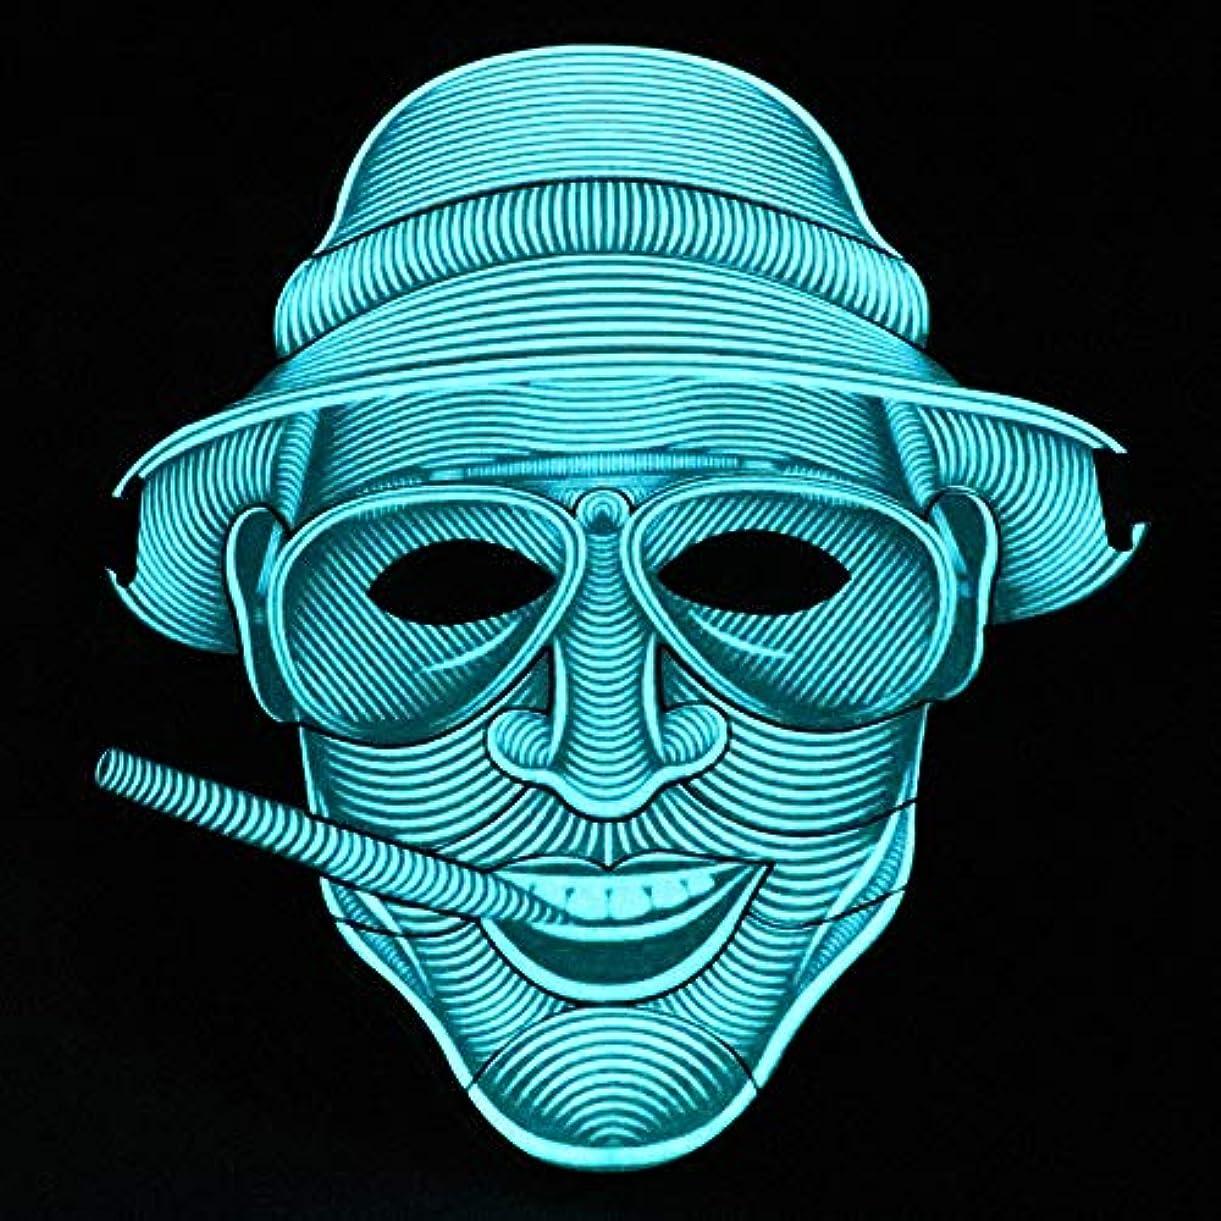 鷲後継封建照らされたマスクLED創造的な冷光音響制御マスクハロウィンバーフェスティバルダンスマスク (Color : #5)